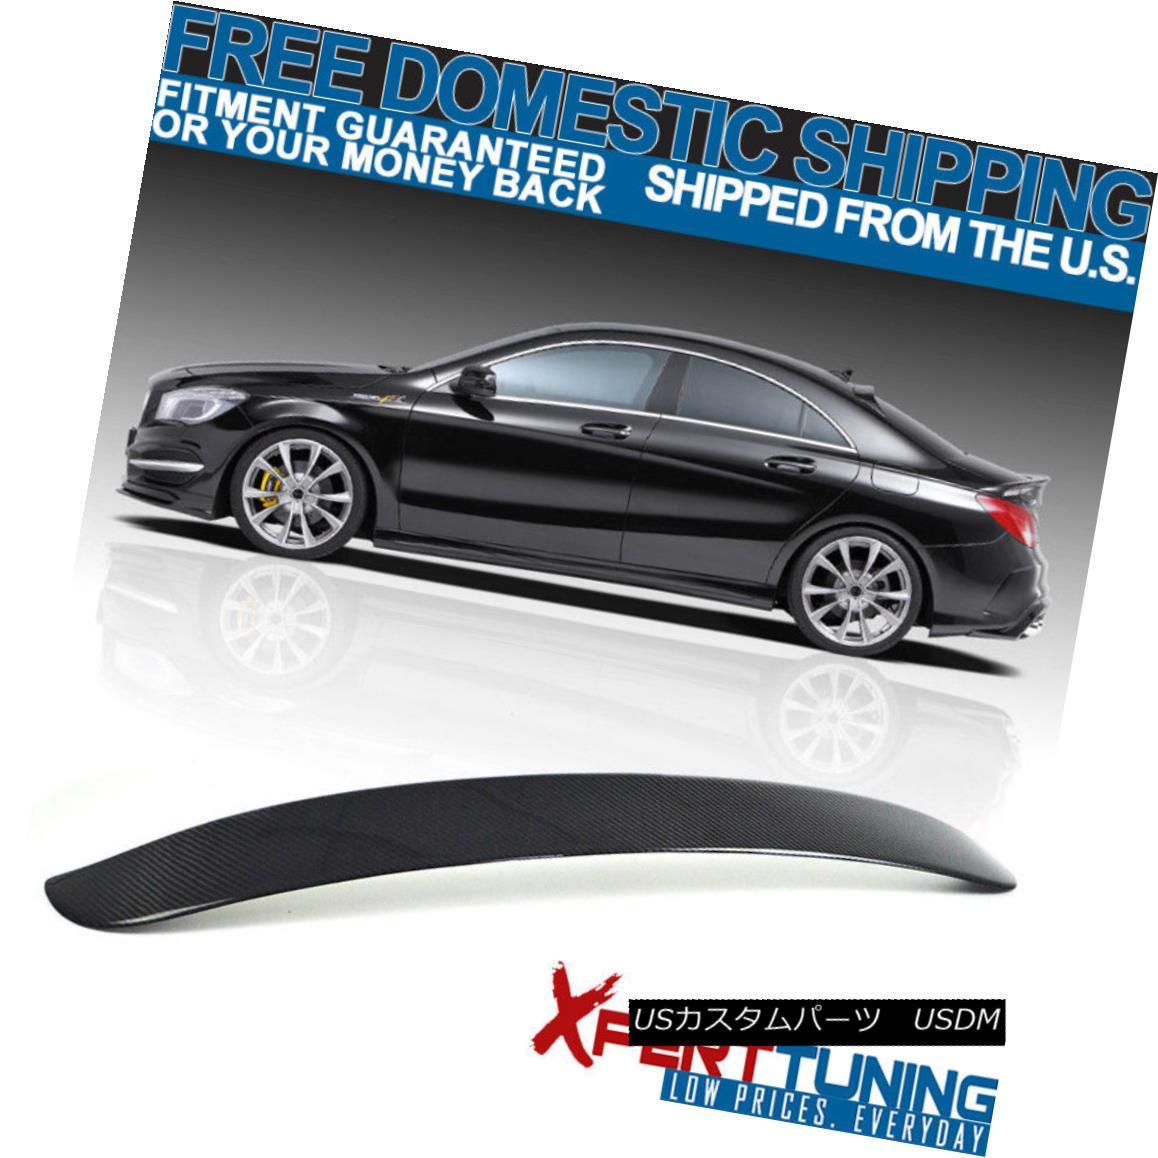 エアロパーツ 2013-2018 Benz W117 4Dr 4Door OE Style ABS Carbon Fiber Rear Roof Spoiler 2013-2018ベンツW117 4Dr 4Door OEスタイルABSカーボンファイバーリアルーフスポイラー